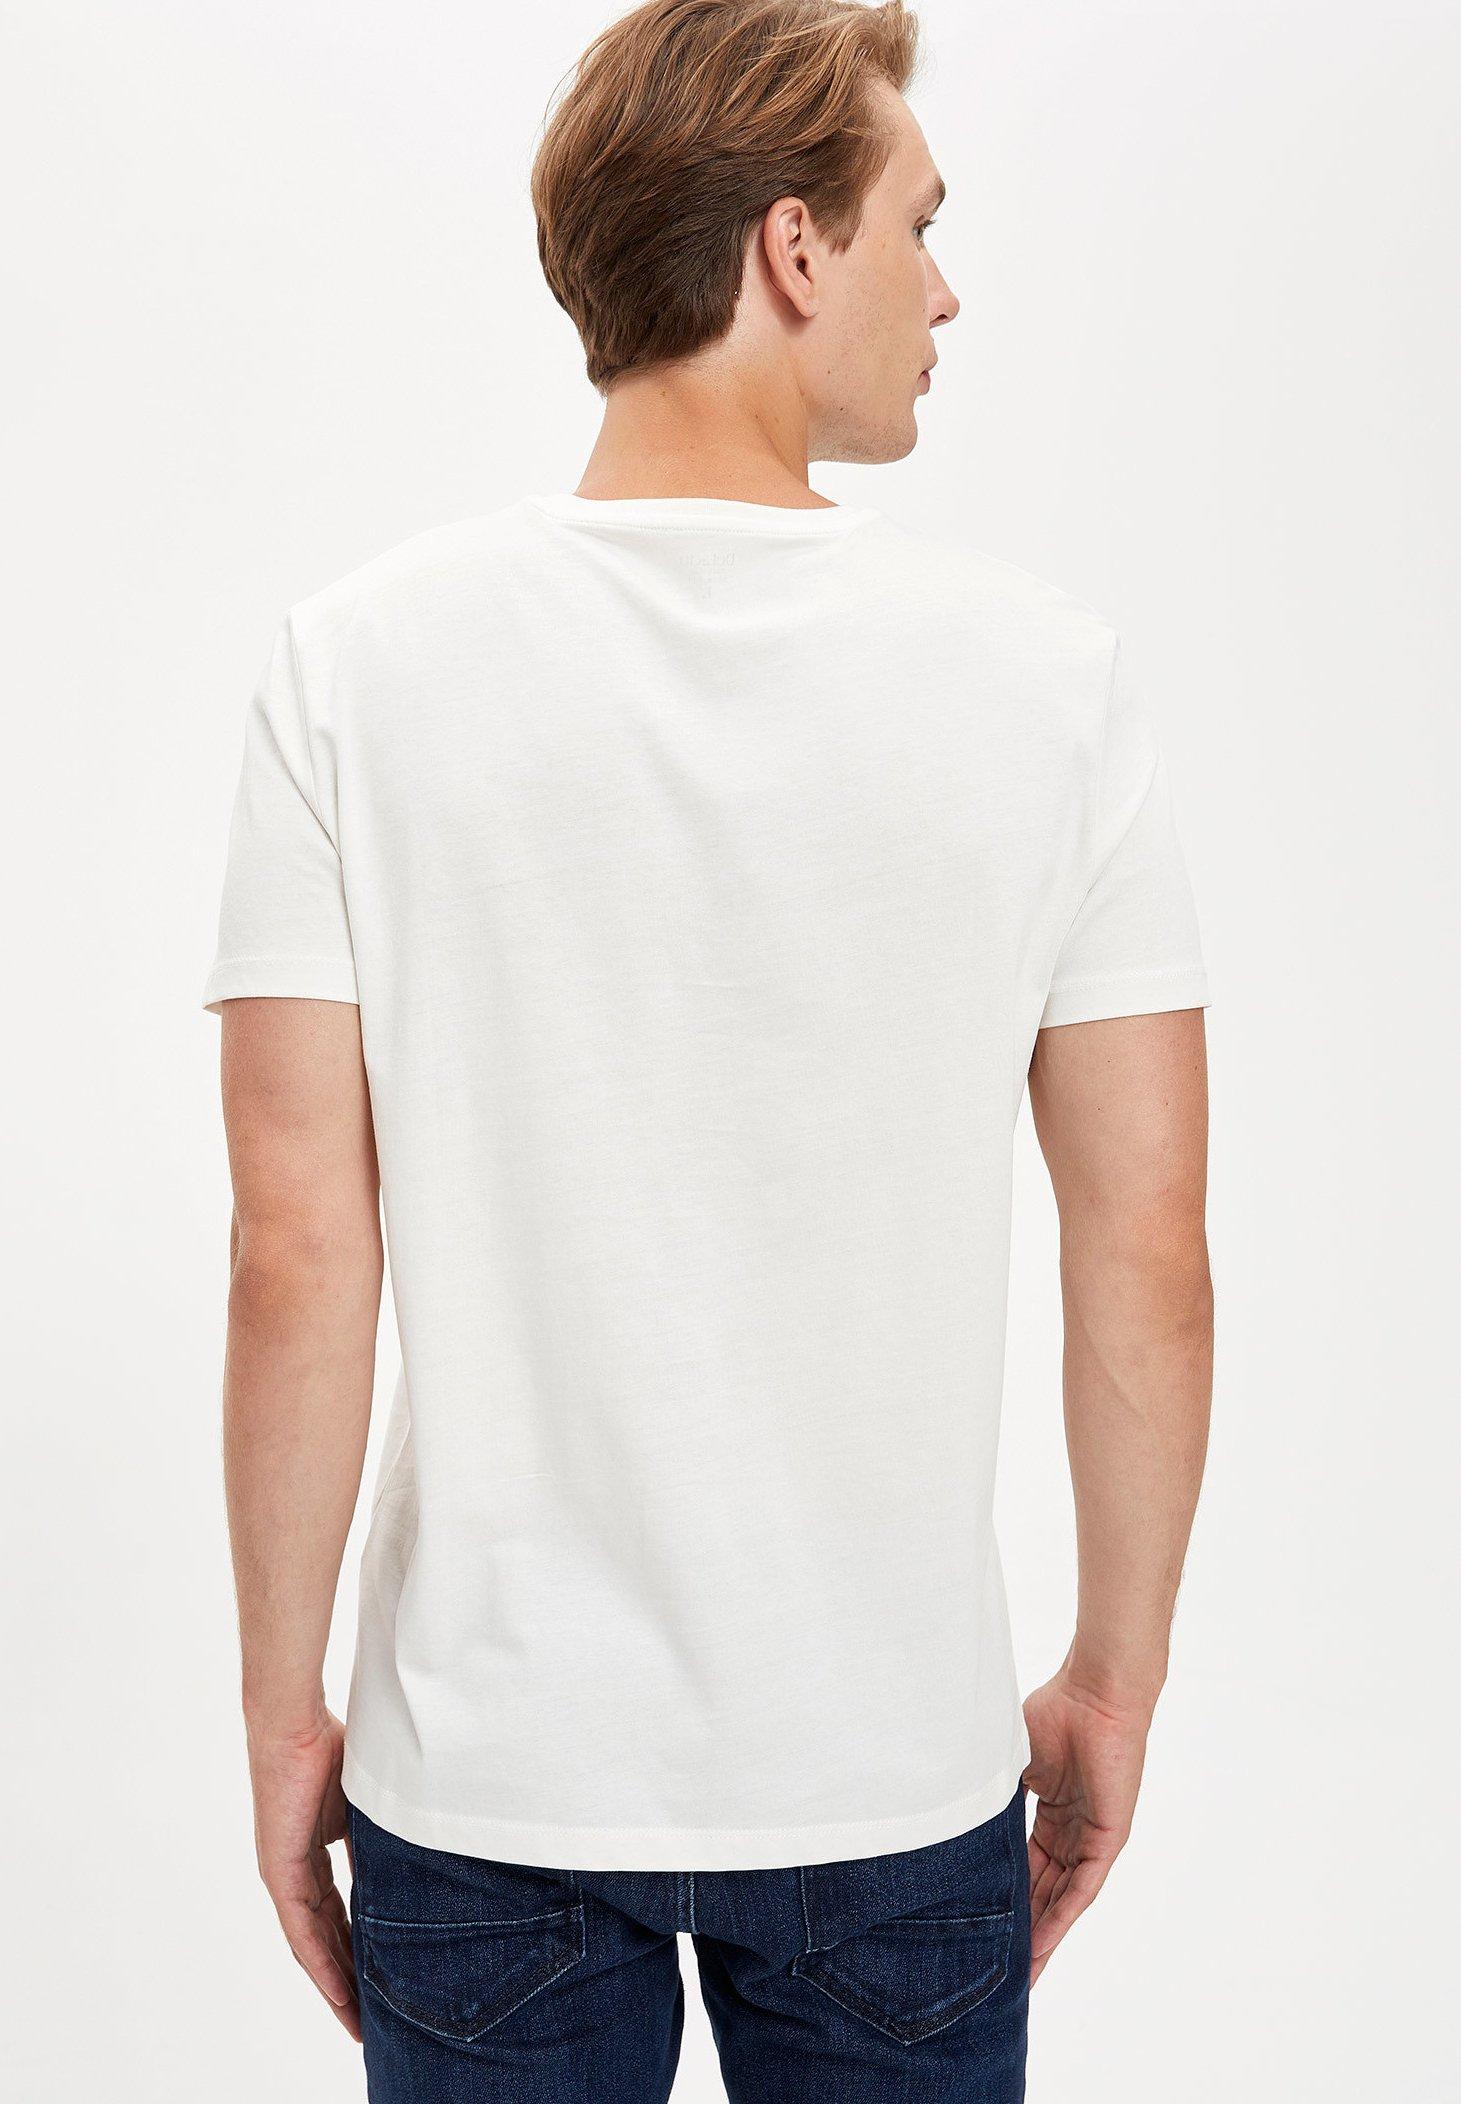 DeFacto Print T-shirt - ecru B40l6